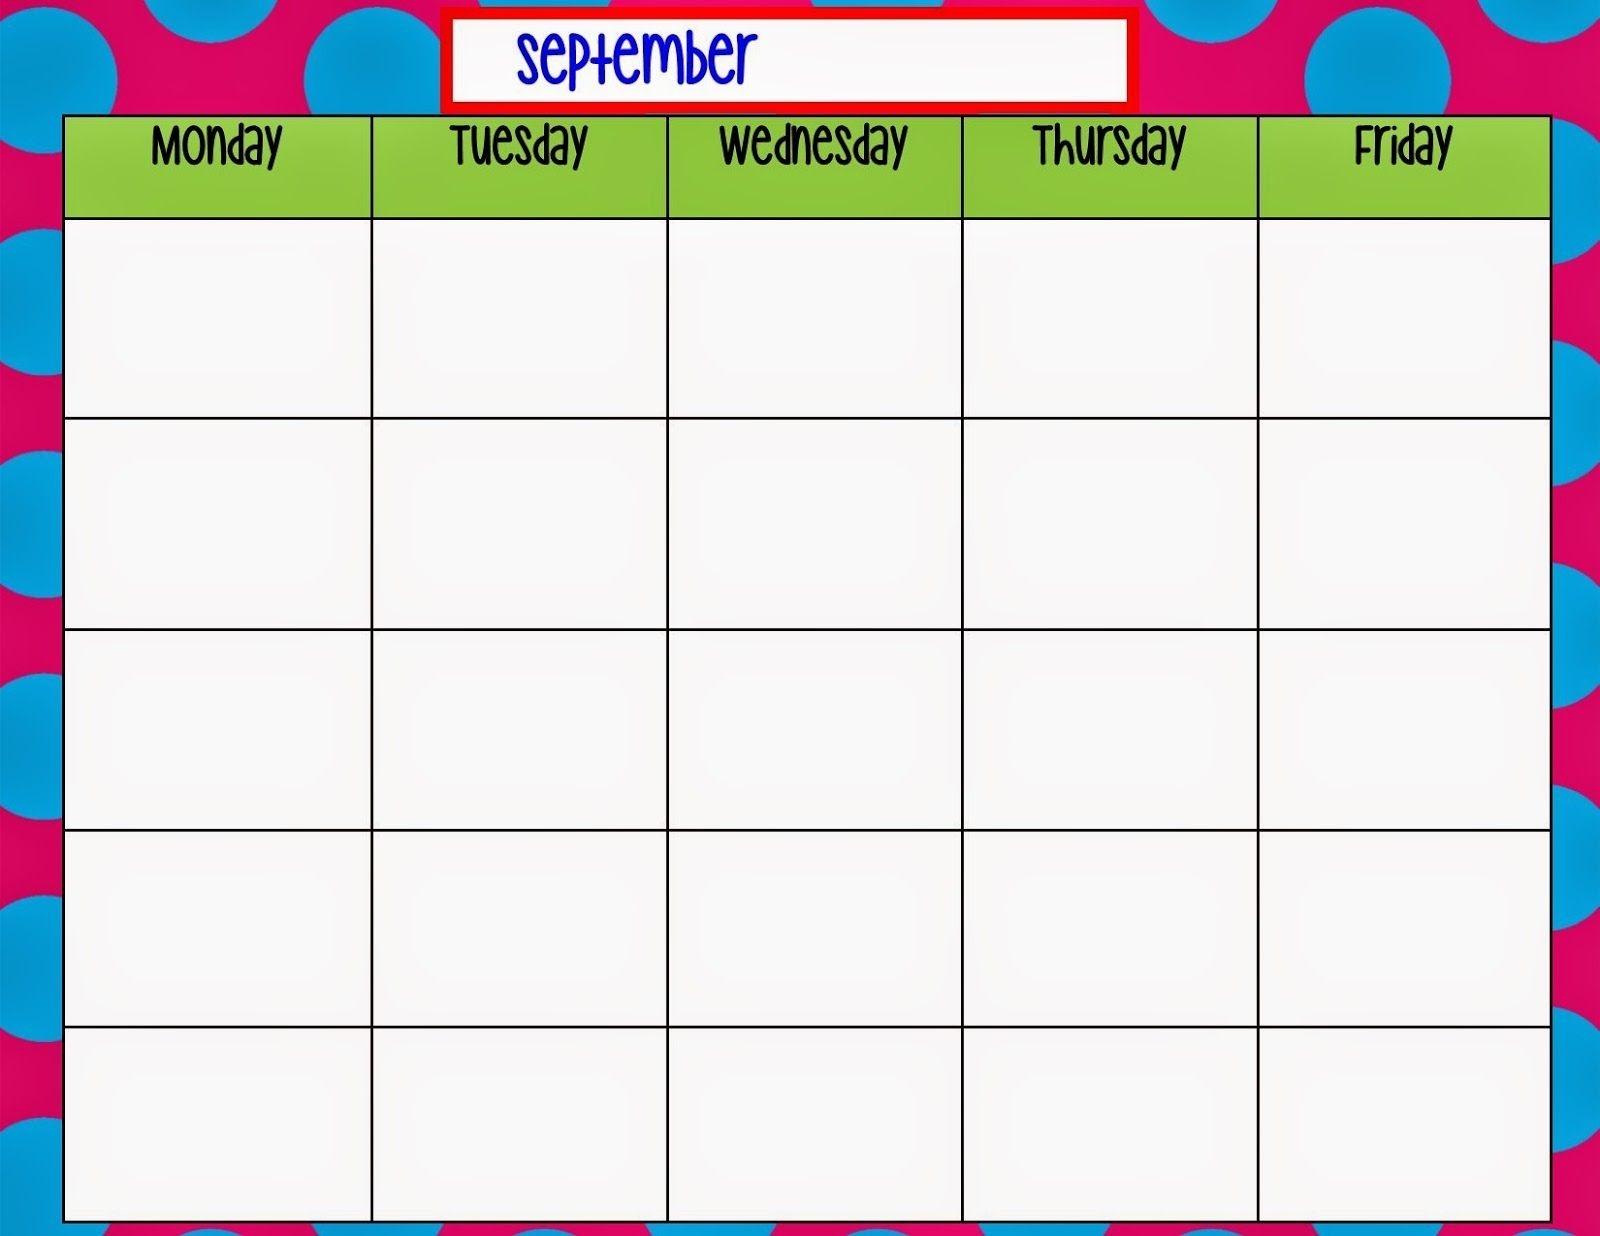 Monday Through Friday Calendar Template | Preschool | Weekly-Calendar Template Monday Through Friday